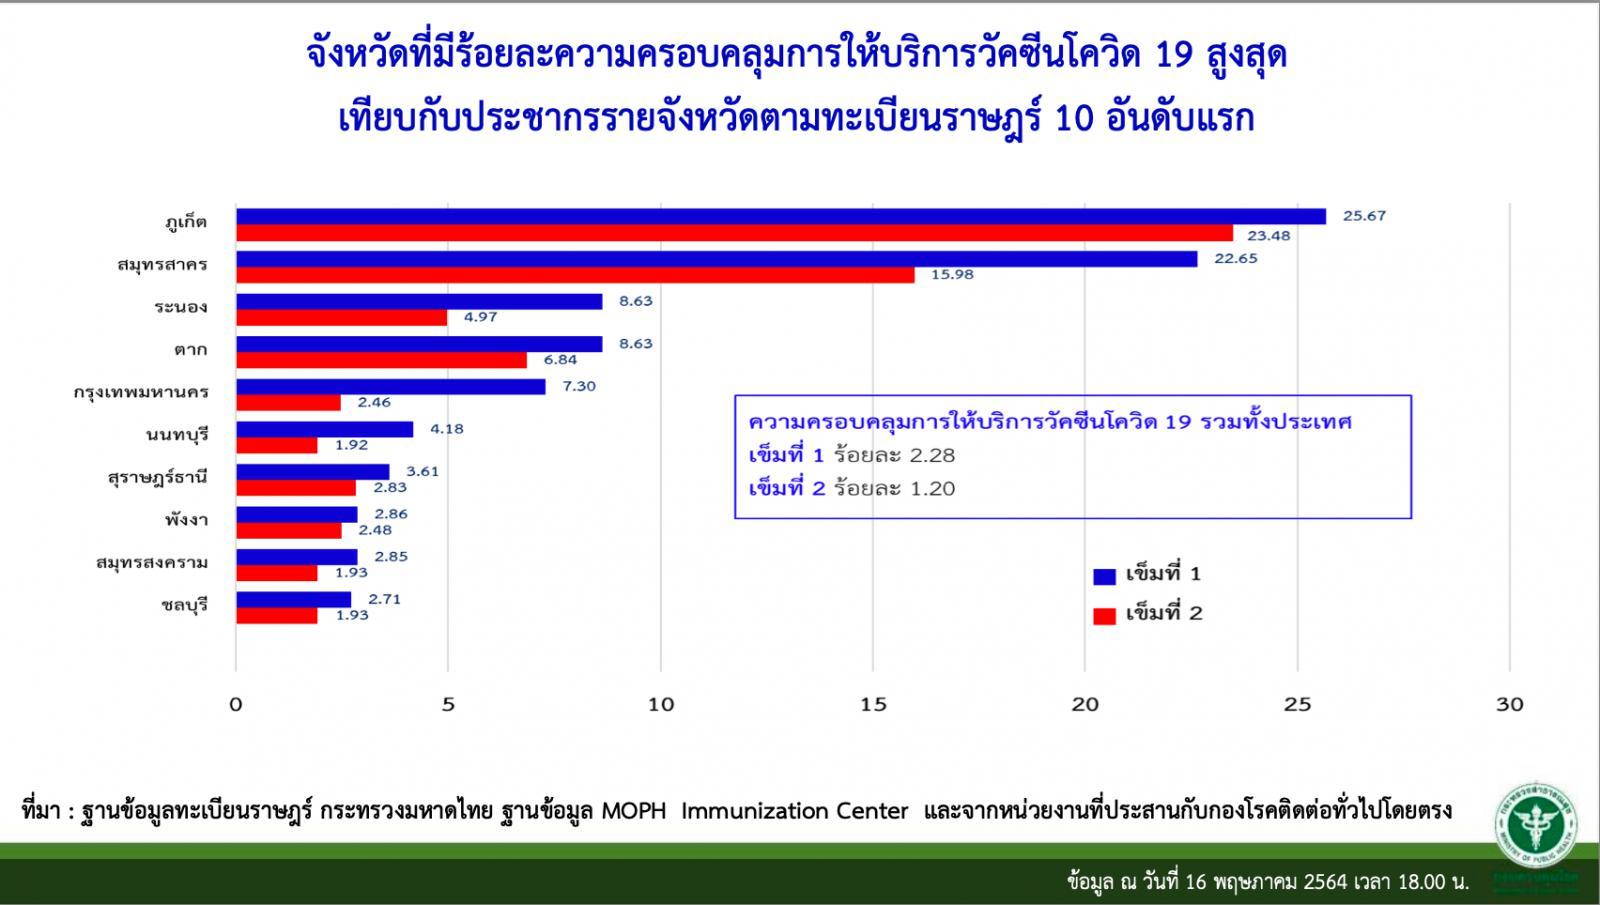 78 วันกับการฉีดวัคซีนโควิดให้คนไทย ครบ 2 โดส อยู่ที่ร้อยละ 1.2